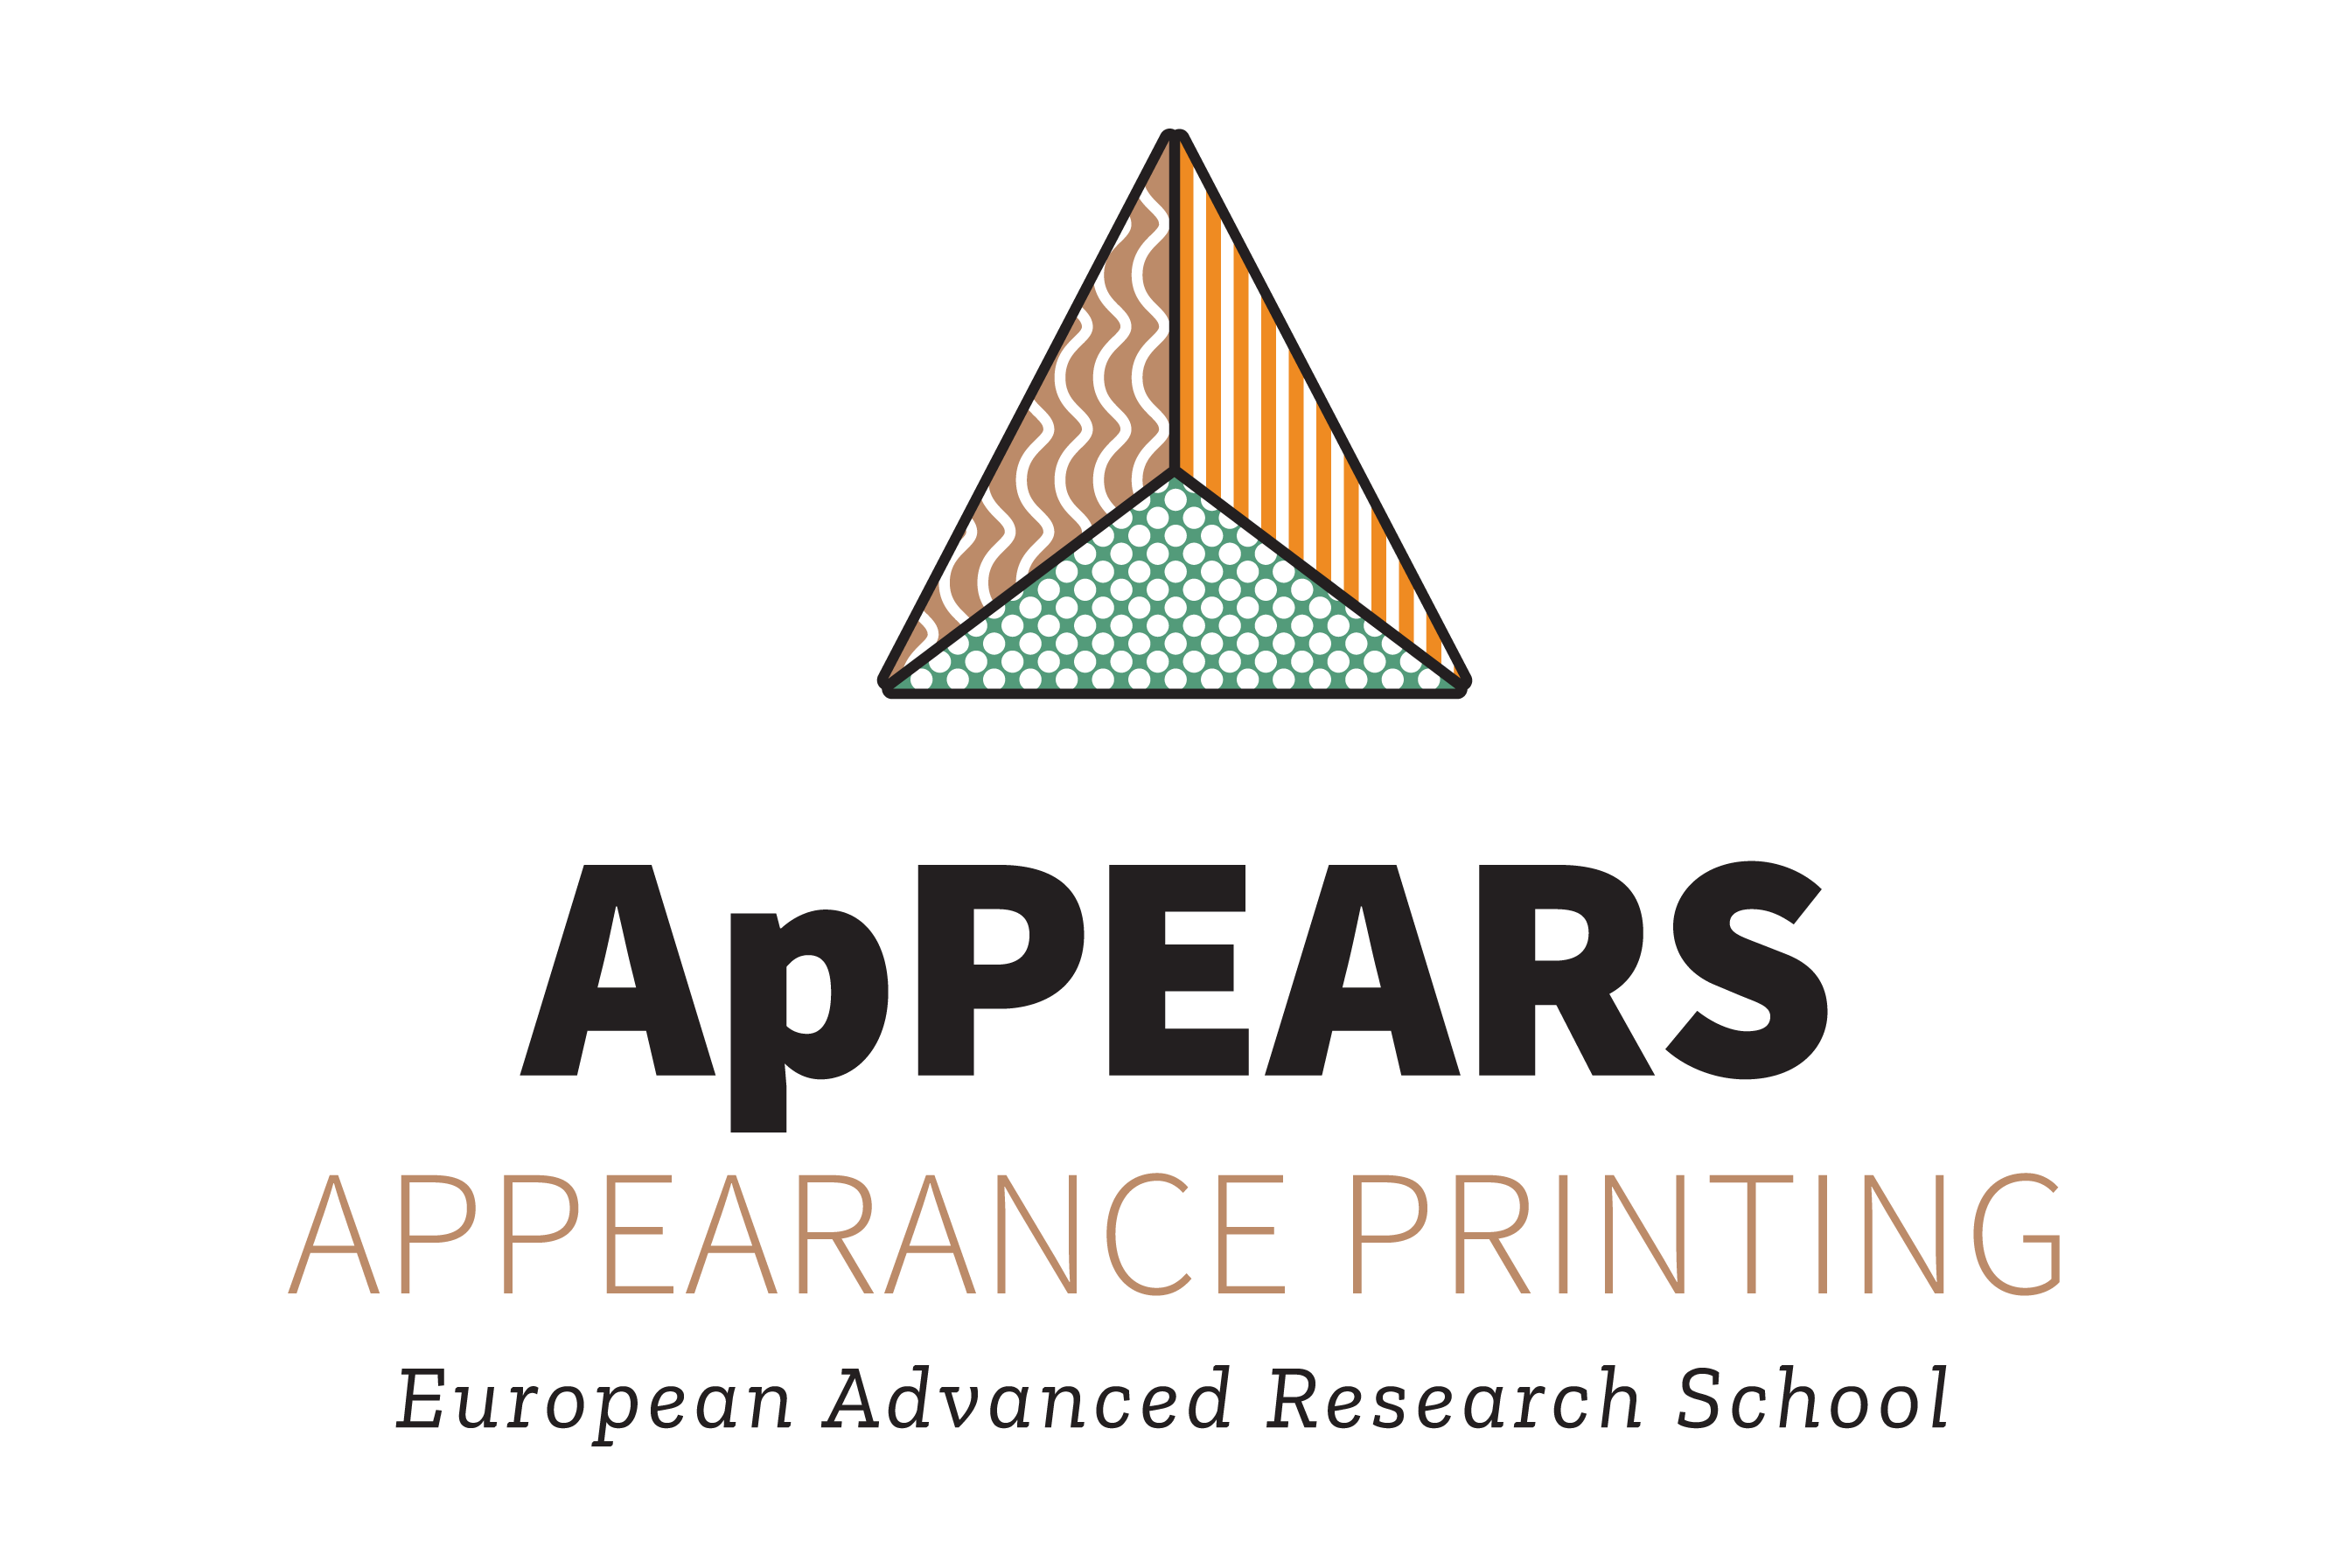 ApPEARS logo